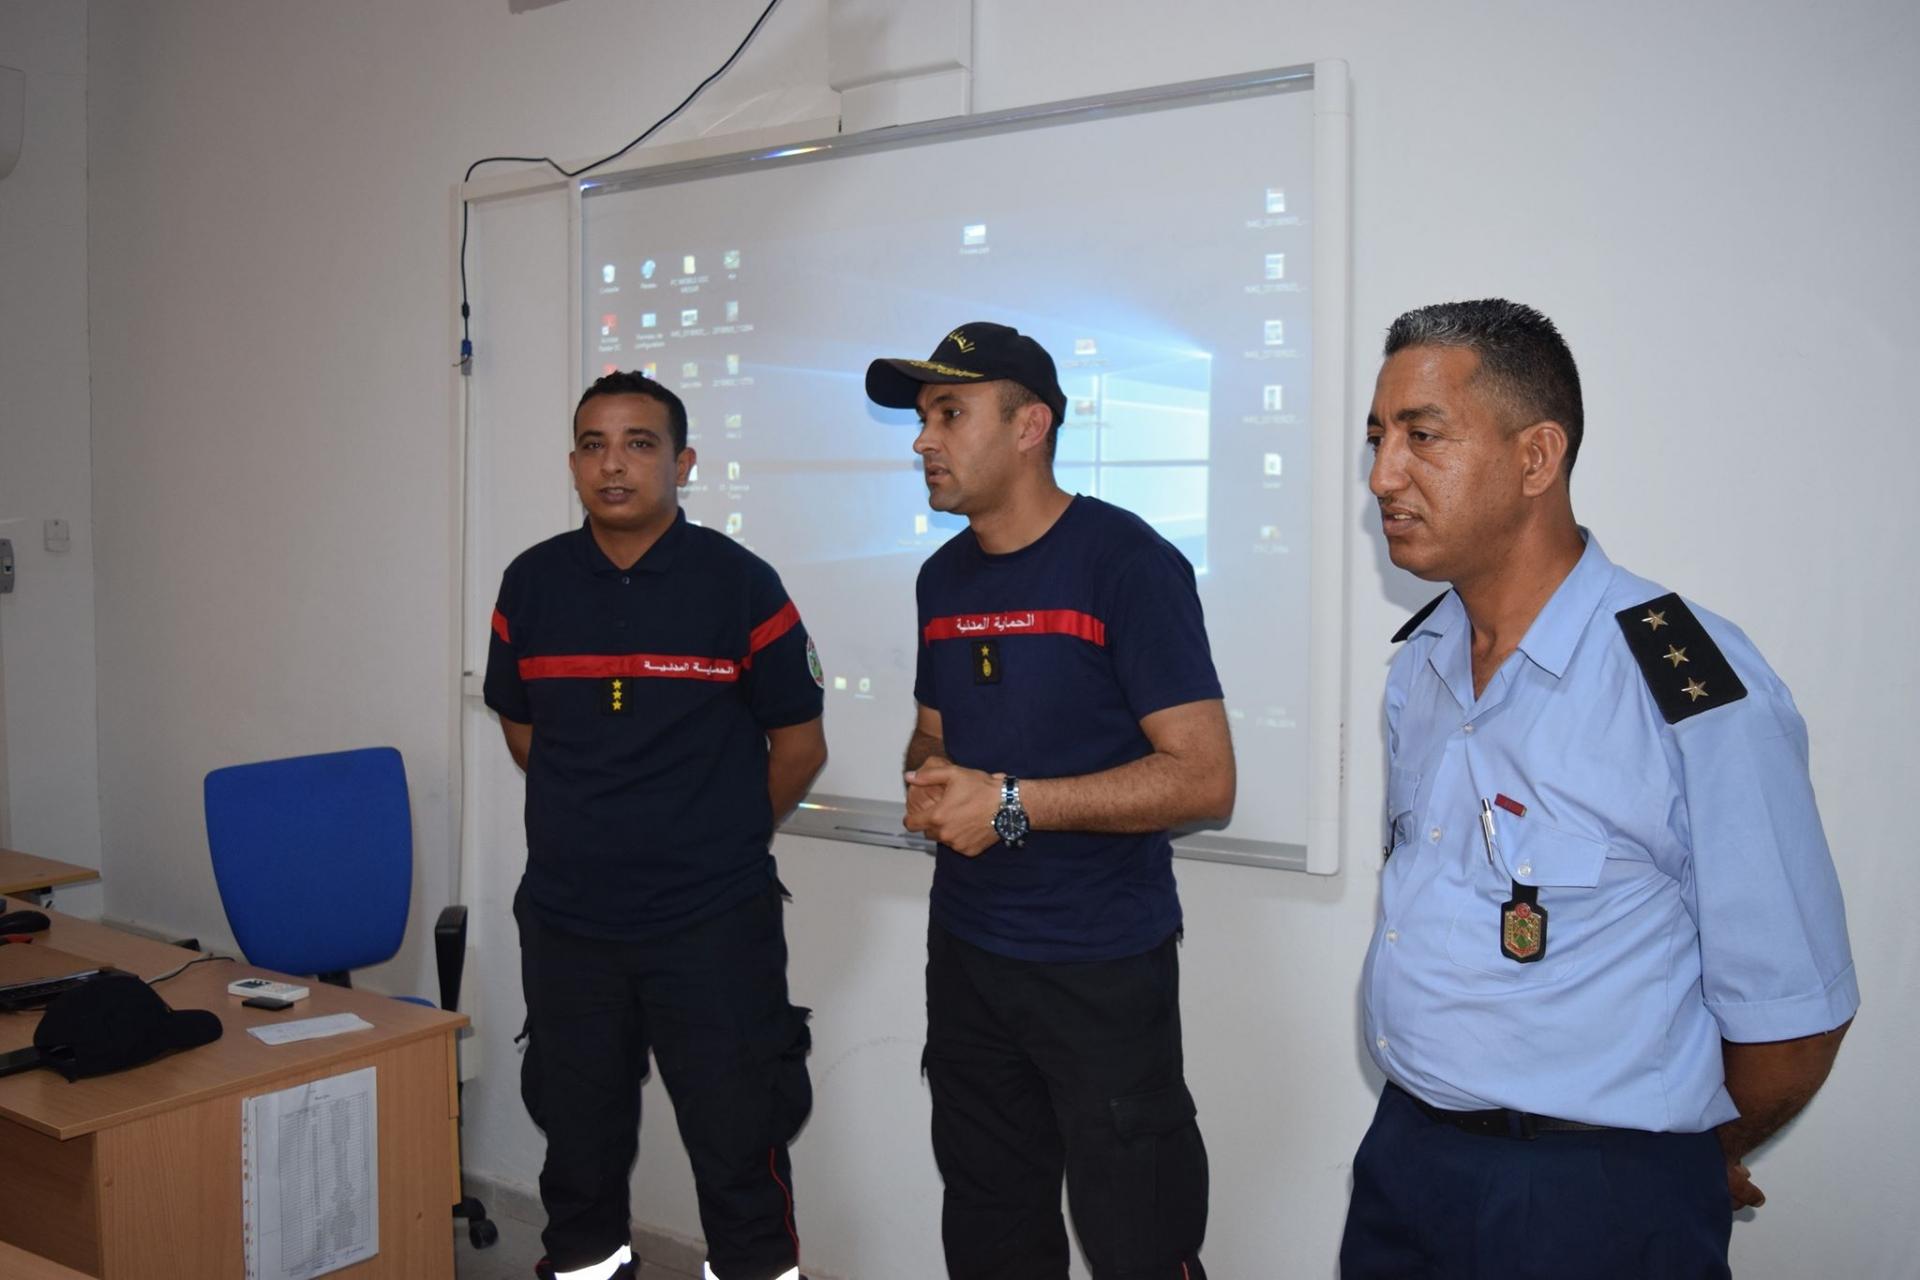 إختتام الدورة التكوينية في مجال تطبيقة التصرف في التدخلات بالمدرسة الوطنية للحماية المدنية